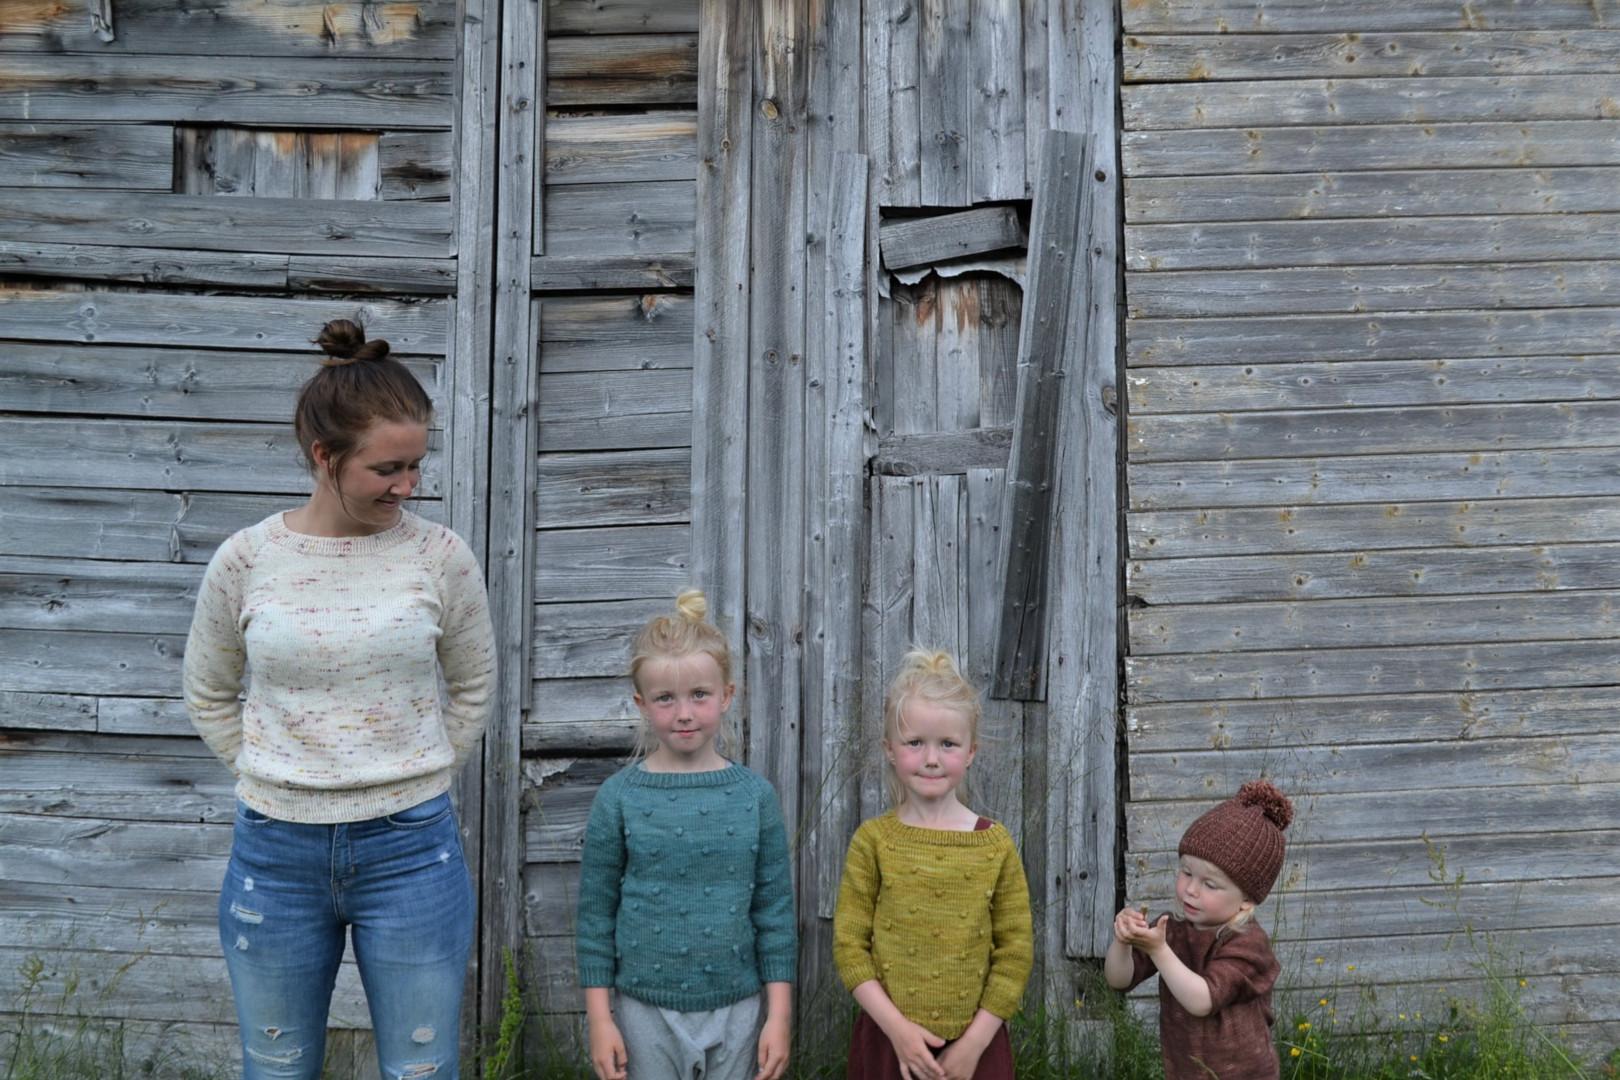 Desmå_2_clothes1620